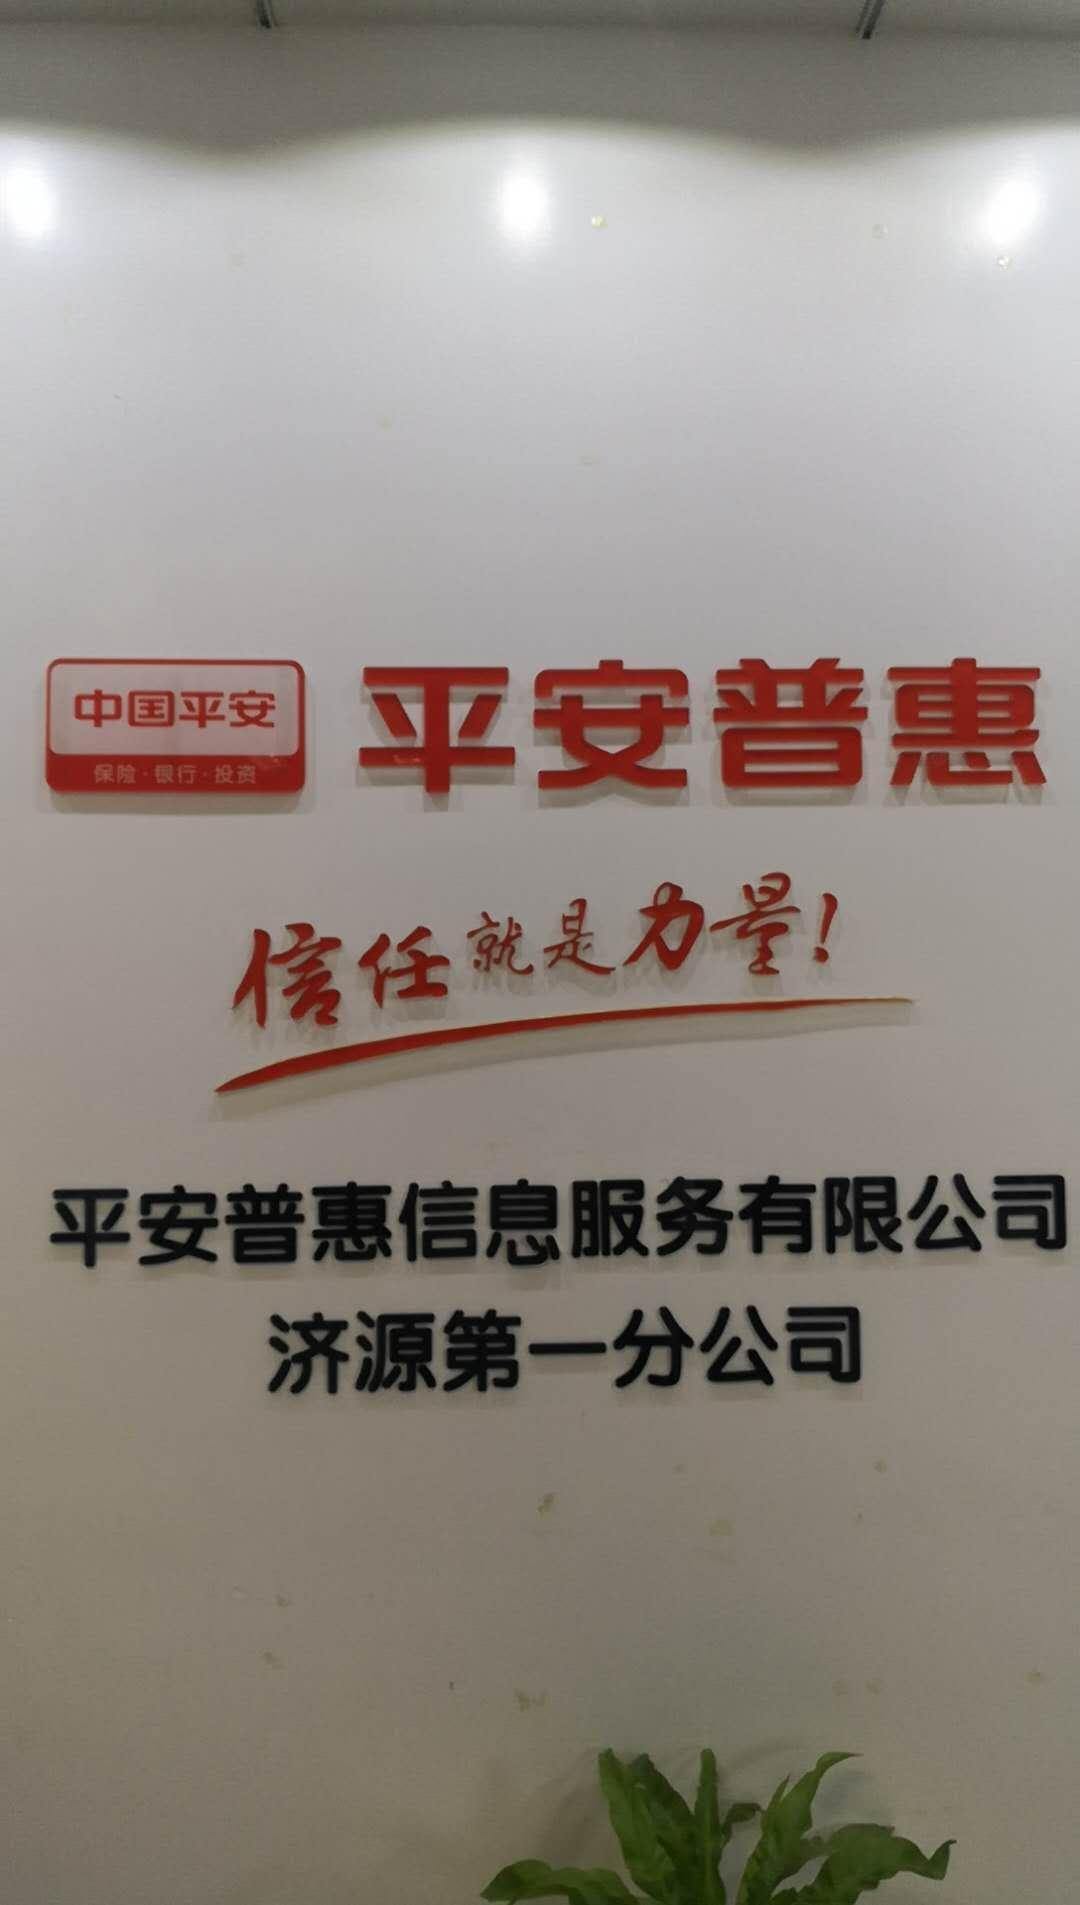 平安普惠信息服务有限公司济源第一分公司